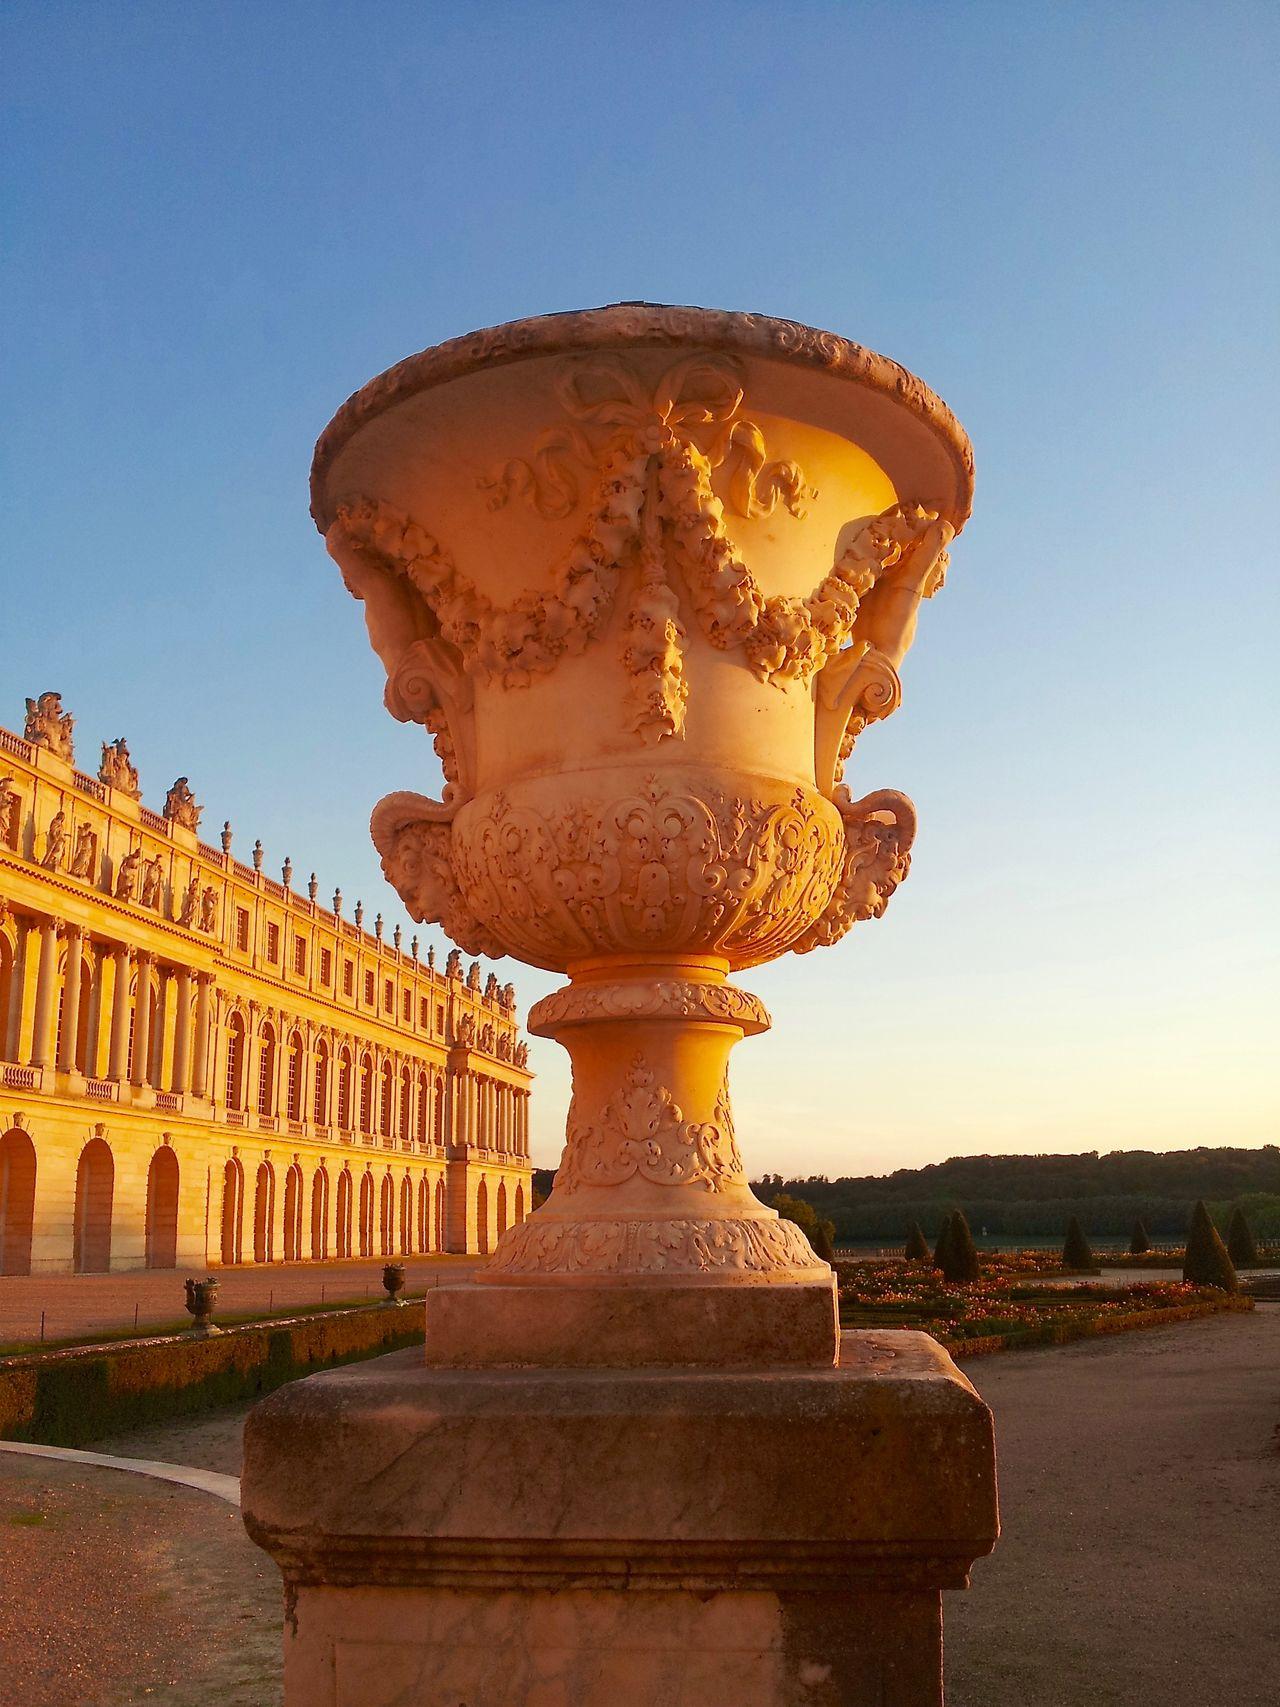 Antique Stone Vase Architecture Close-up Gardens Of Versailles History Palace Of Versailles Parc Du Château De Versailles, France Perspective Scupture Sunset_collection Vase Medicis